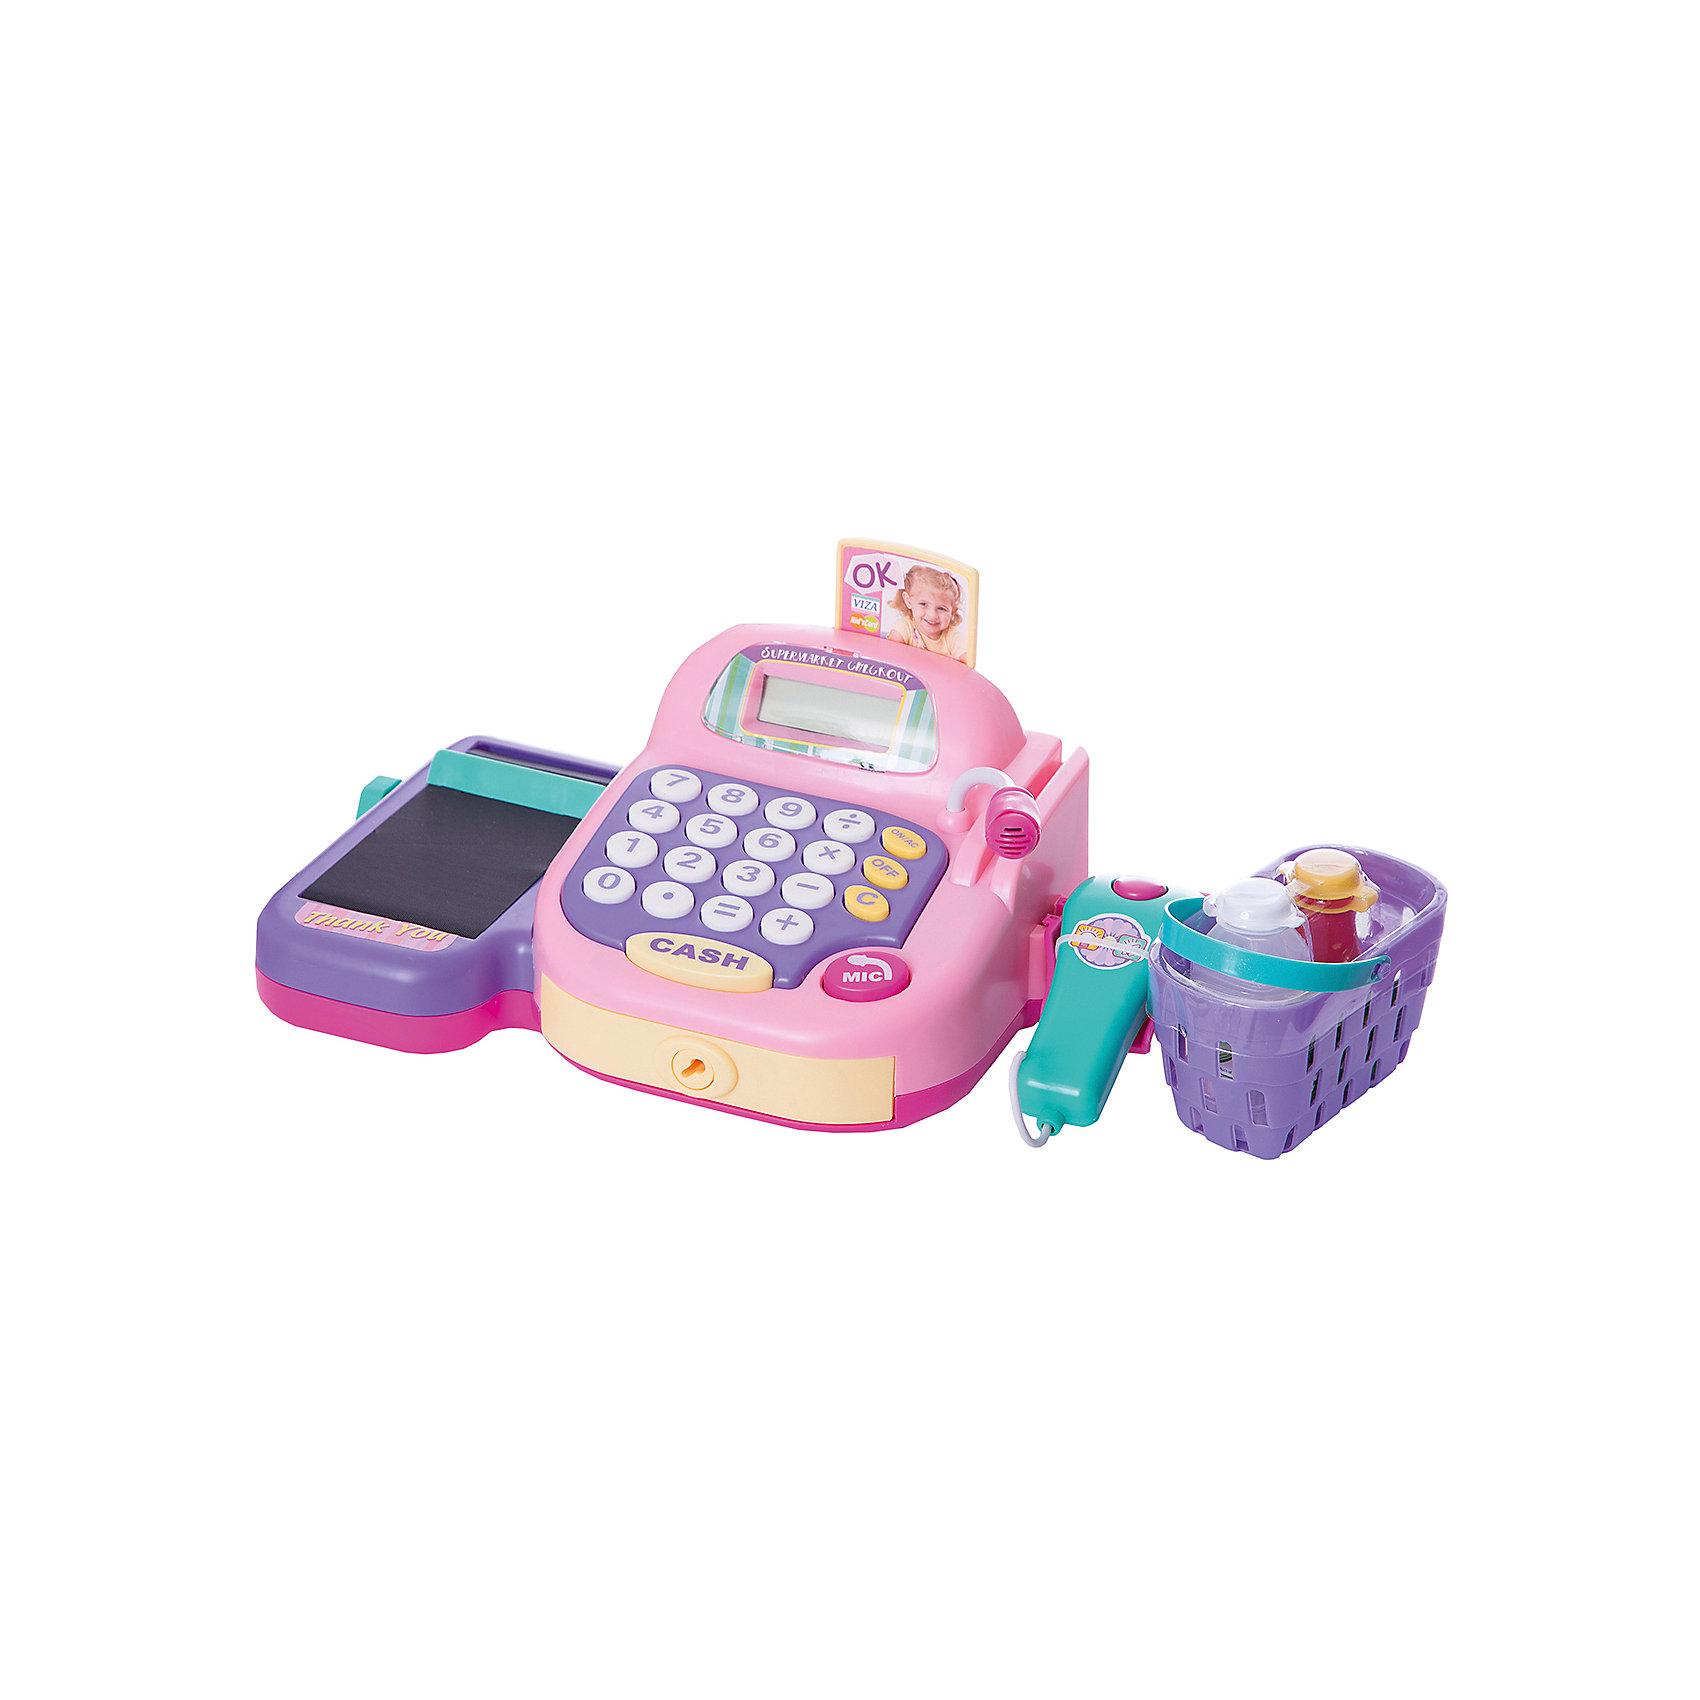 Keenway Набор Супермаркет: кассовый аппарат,продукты, со светом , звуком, Keenway игровые наборы keenway набор кассовый аппарат